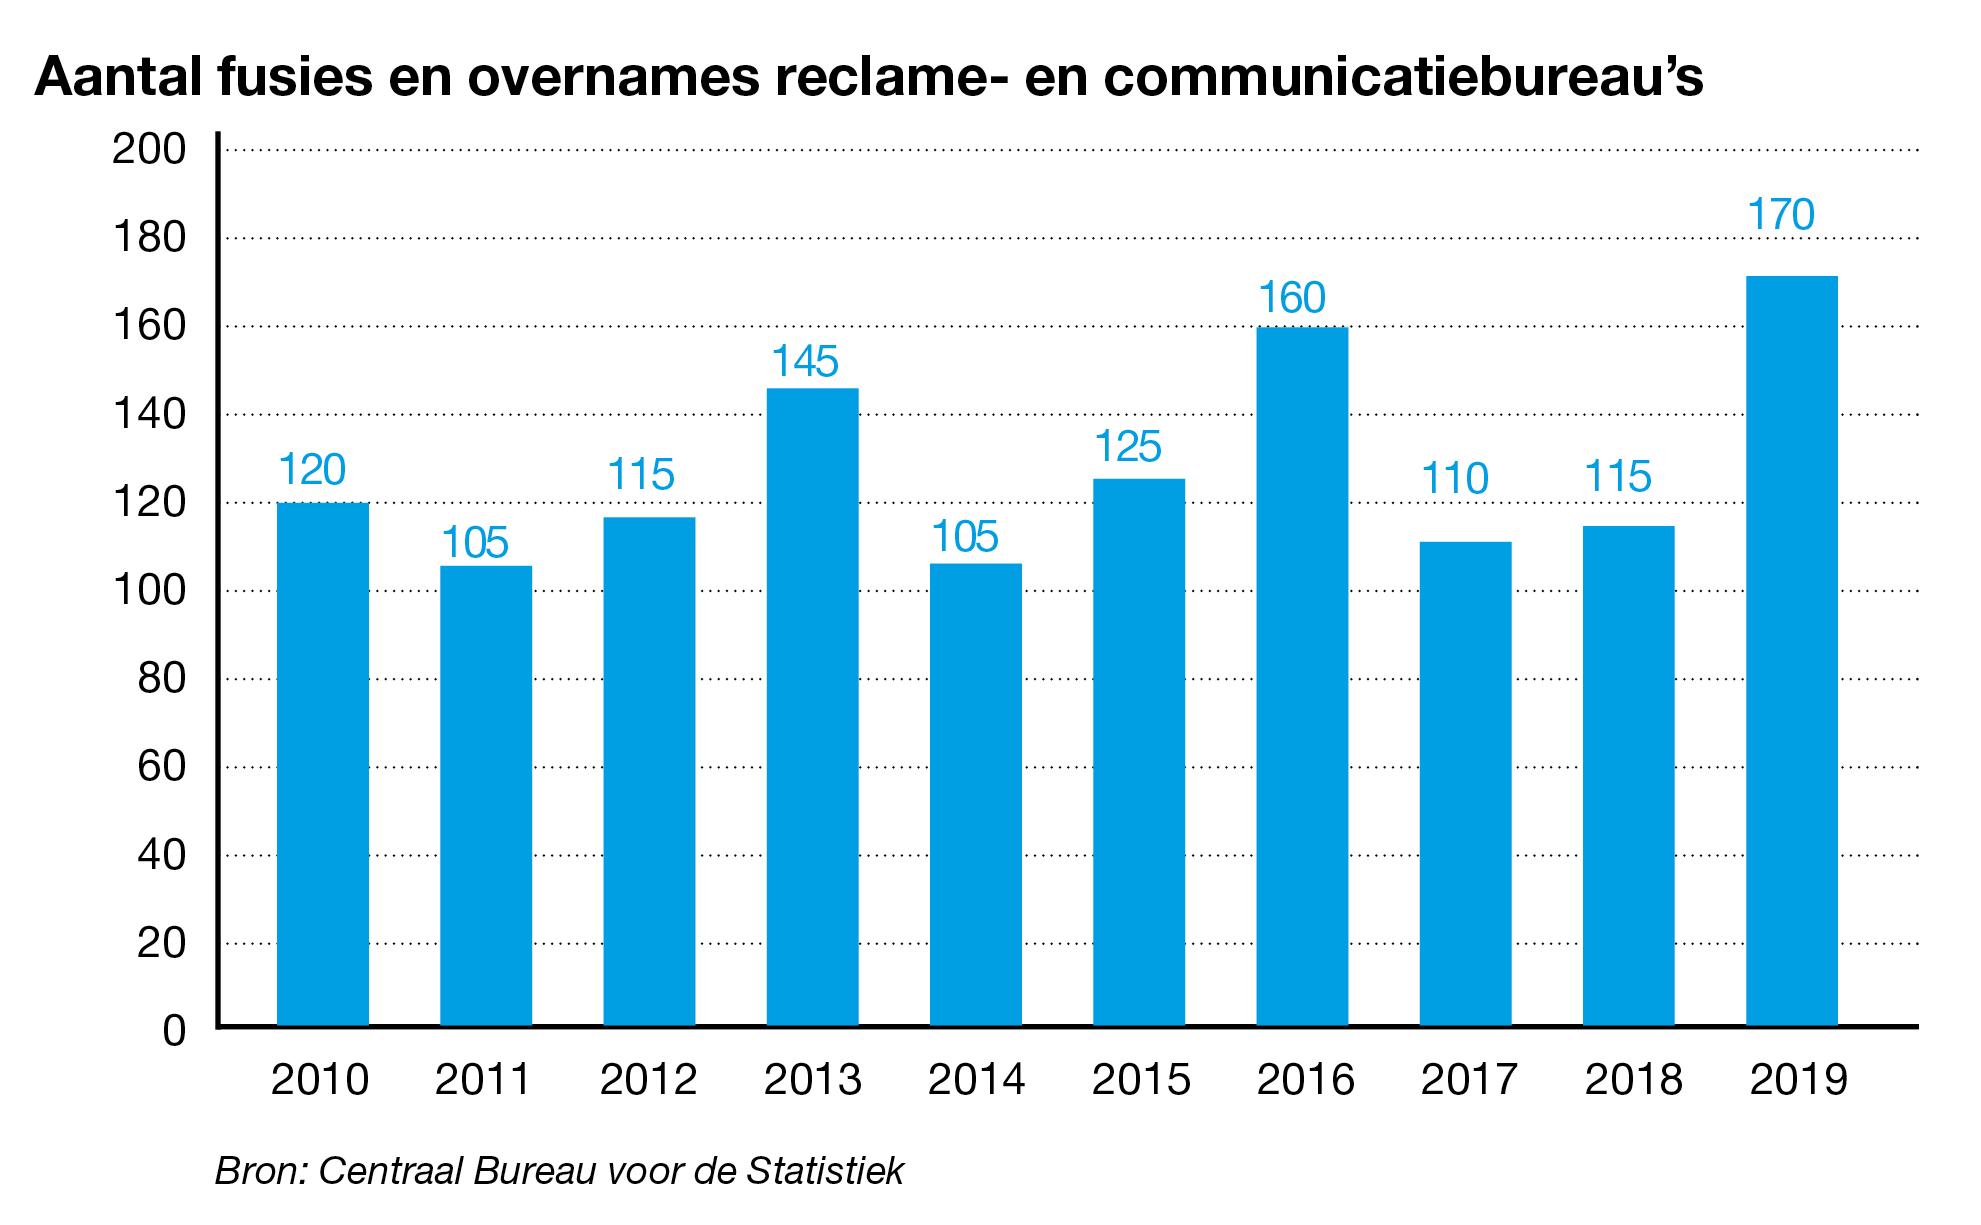 Aantal overnames reclame- en communicatiebureaus